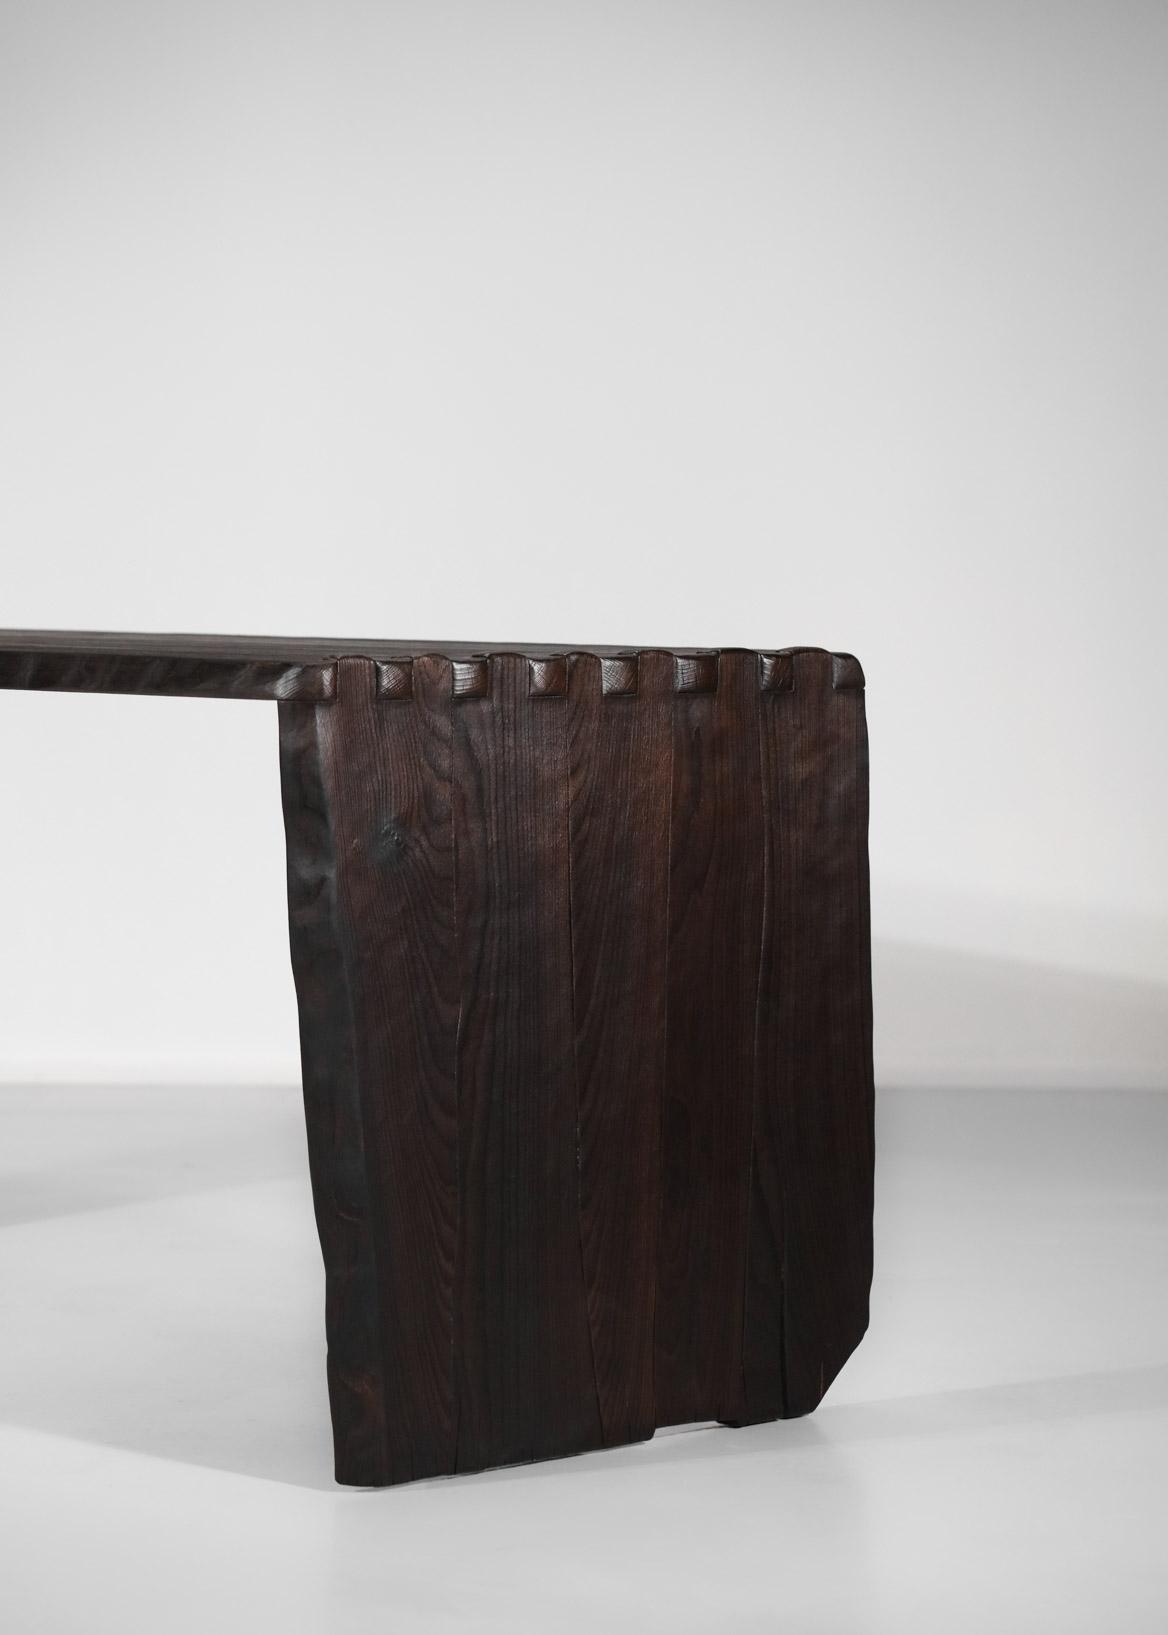 bureau 100:20 vincent vincent bois brulé table à manger0